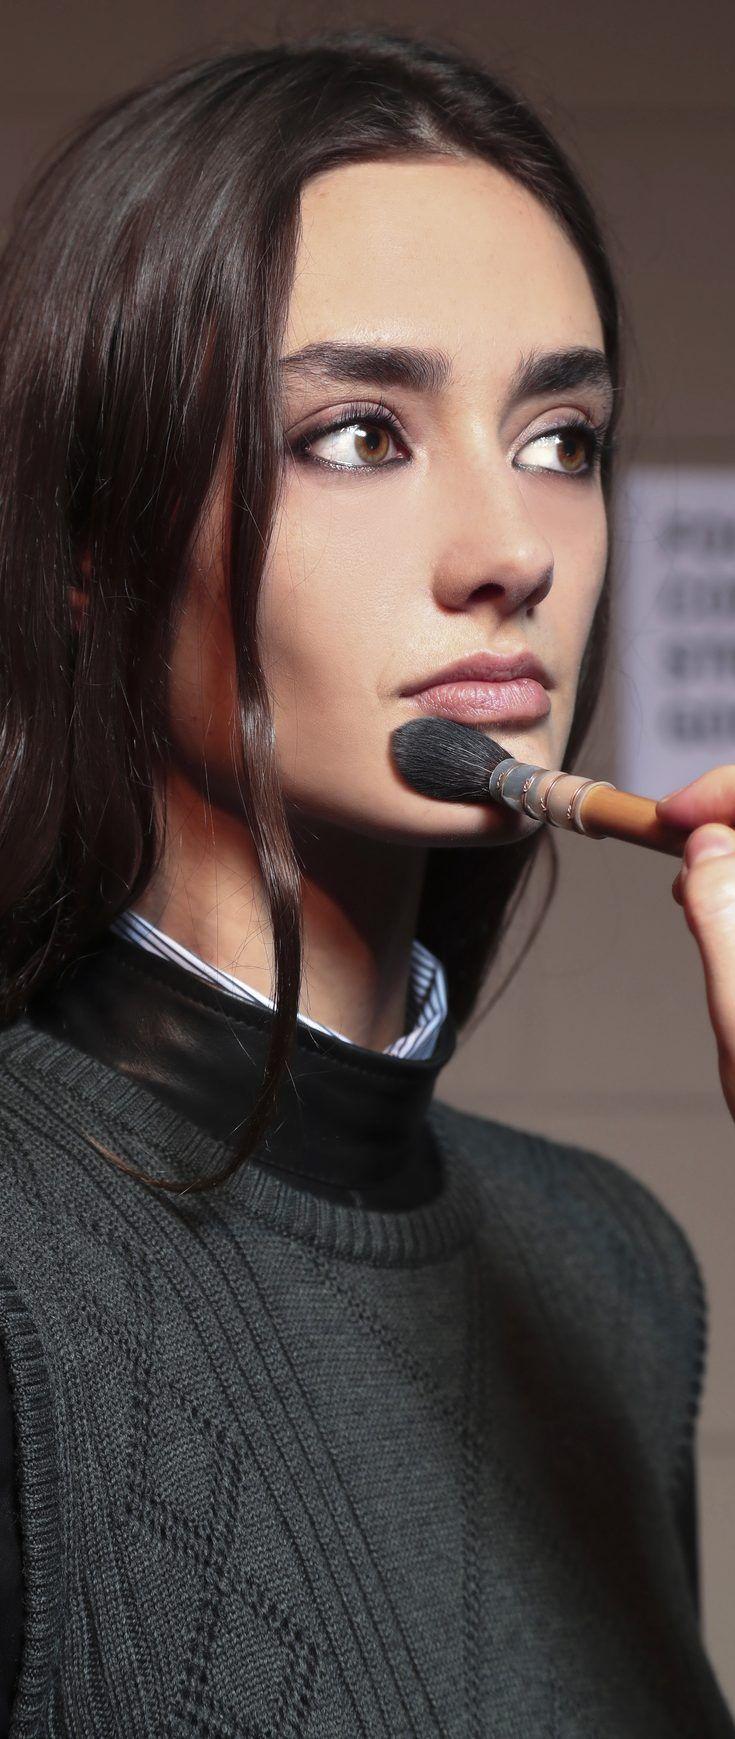 Makeup Artist Youtube: 17 Best Ideas About Makeup Artists On Pinterest